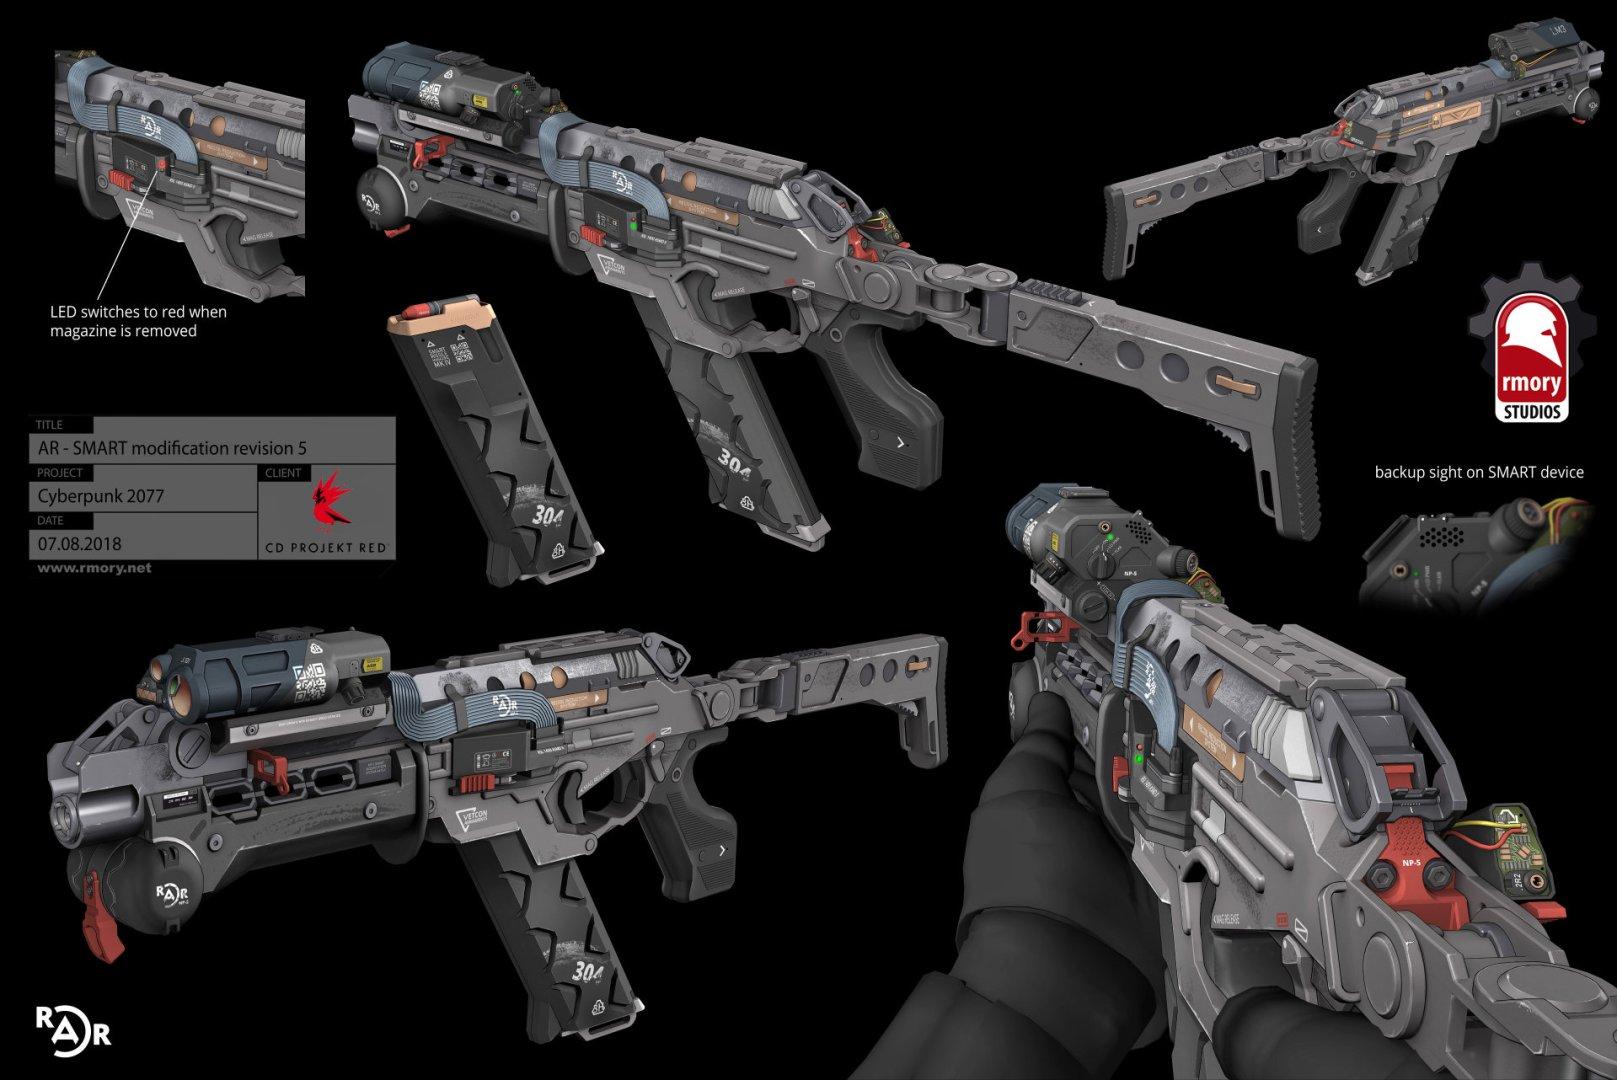 Quelle: Artstation - Kris Thaler - Cyberpunk 2077 AR Smart 3D Modell